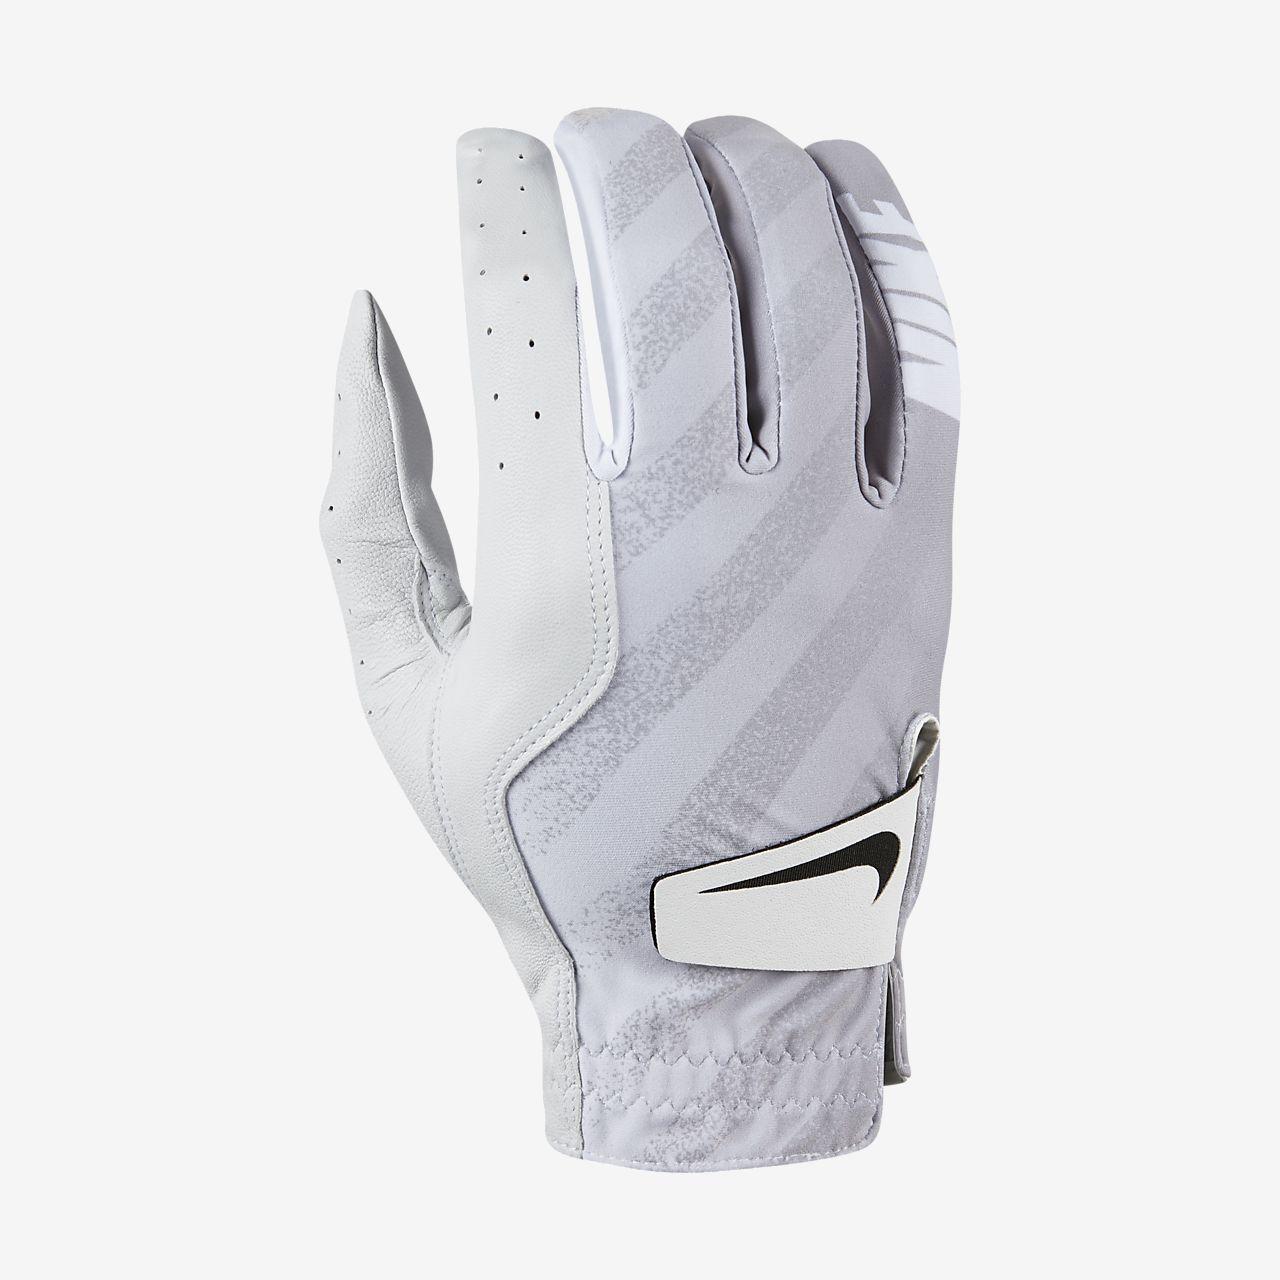 Guante de golf para hombre Nike Tech (derecho, talla normal)